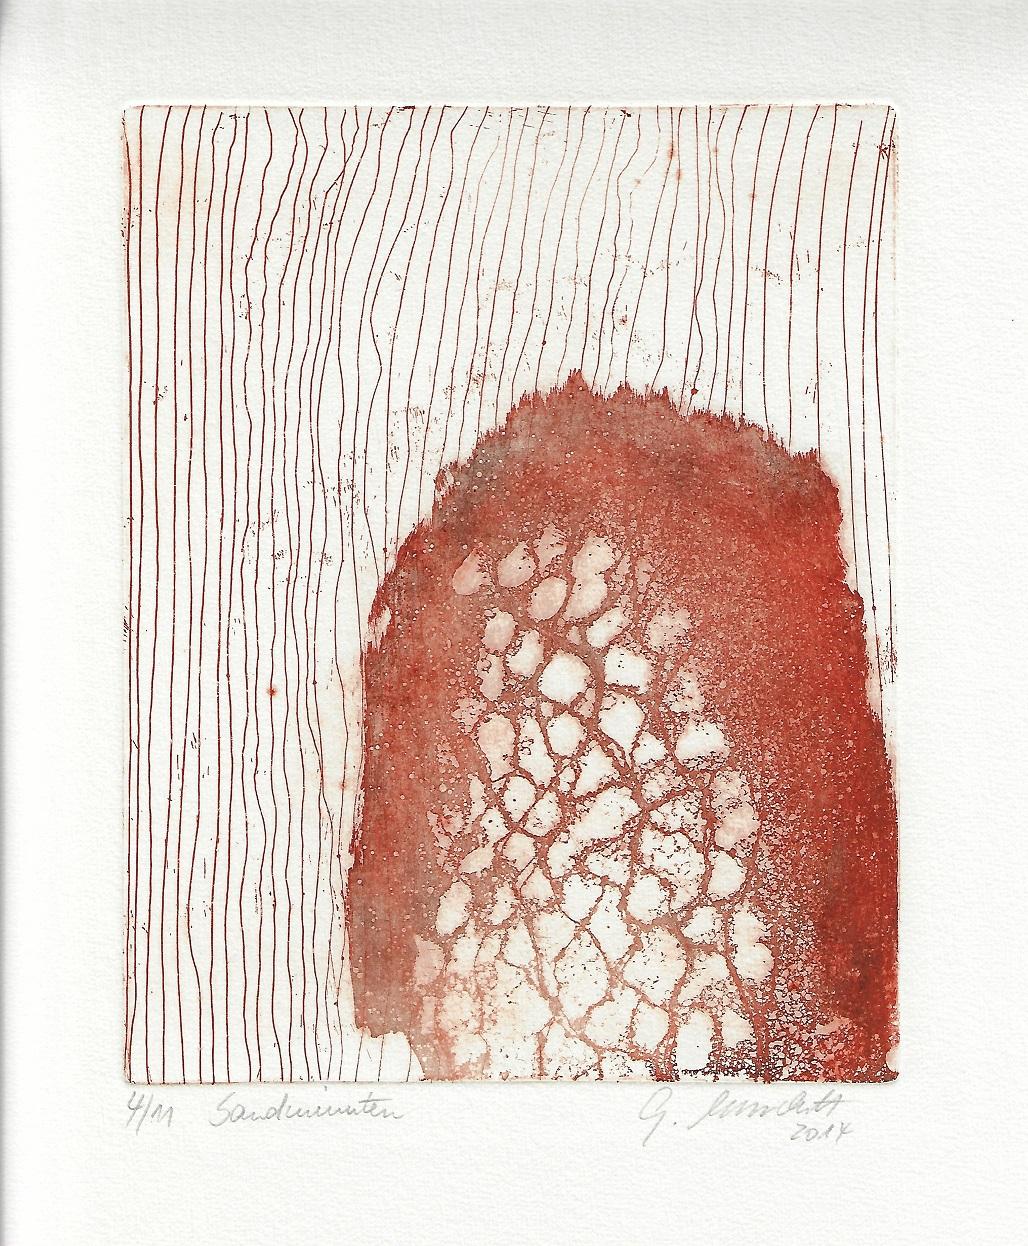 """""""Sandminuten"""", Aufl. 11, 2014, Aquatinta, Strichätzung"""